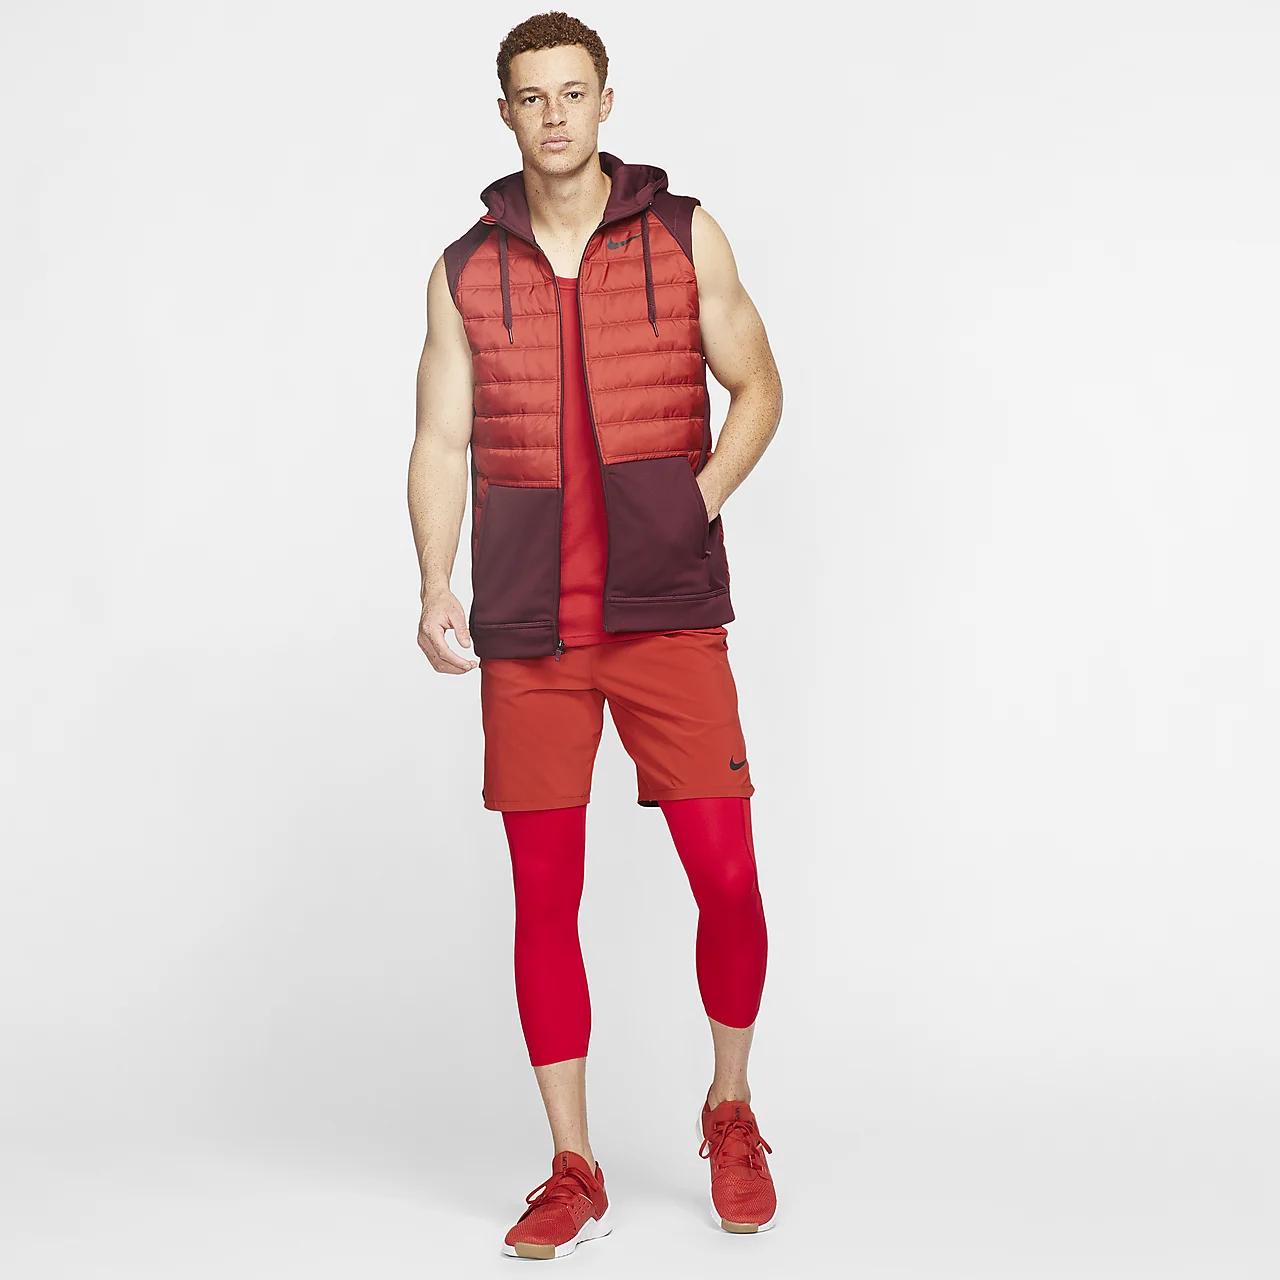 Nike Pro Men's 3/4 Tights BV5643-657